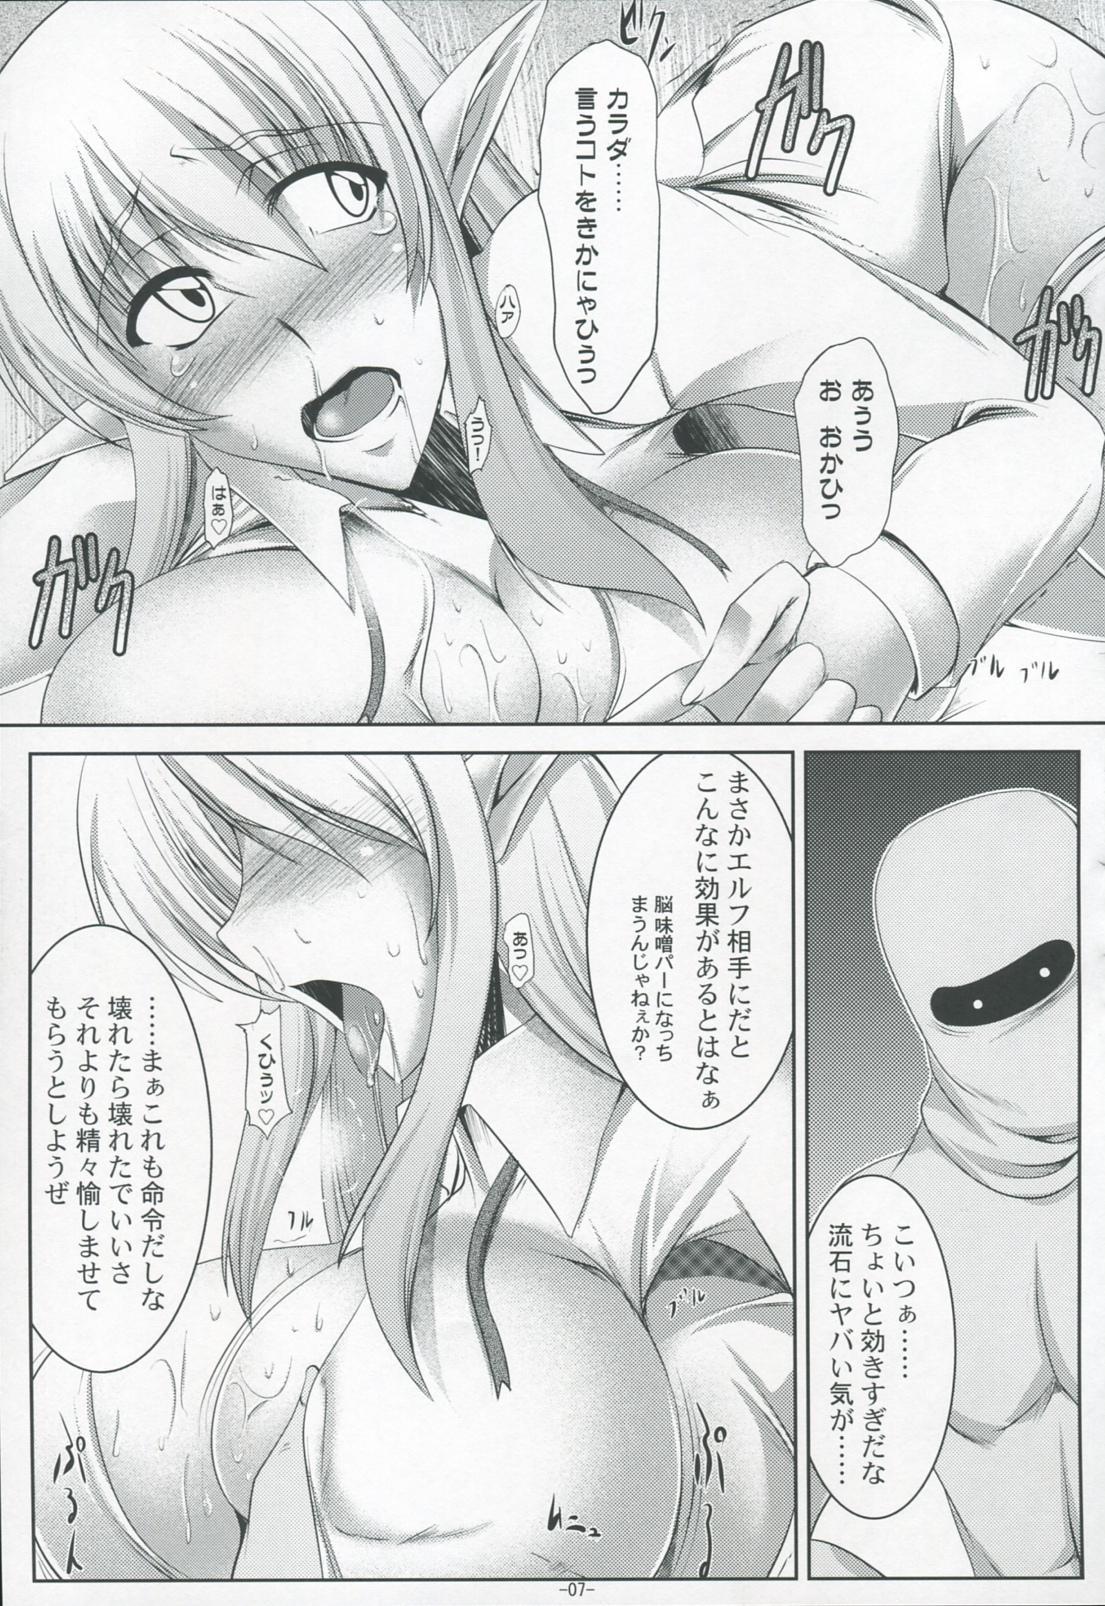 Nyuuseisyoukan 7